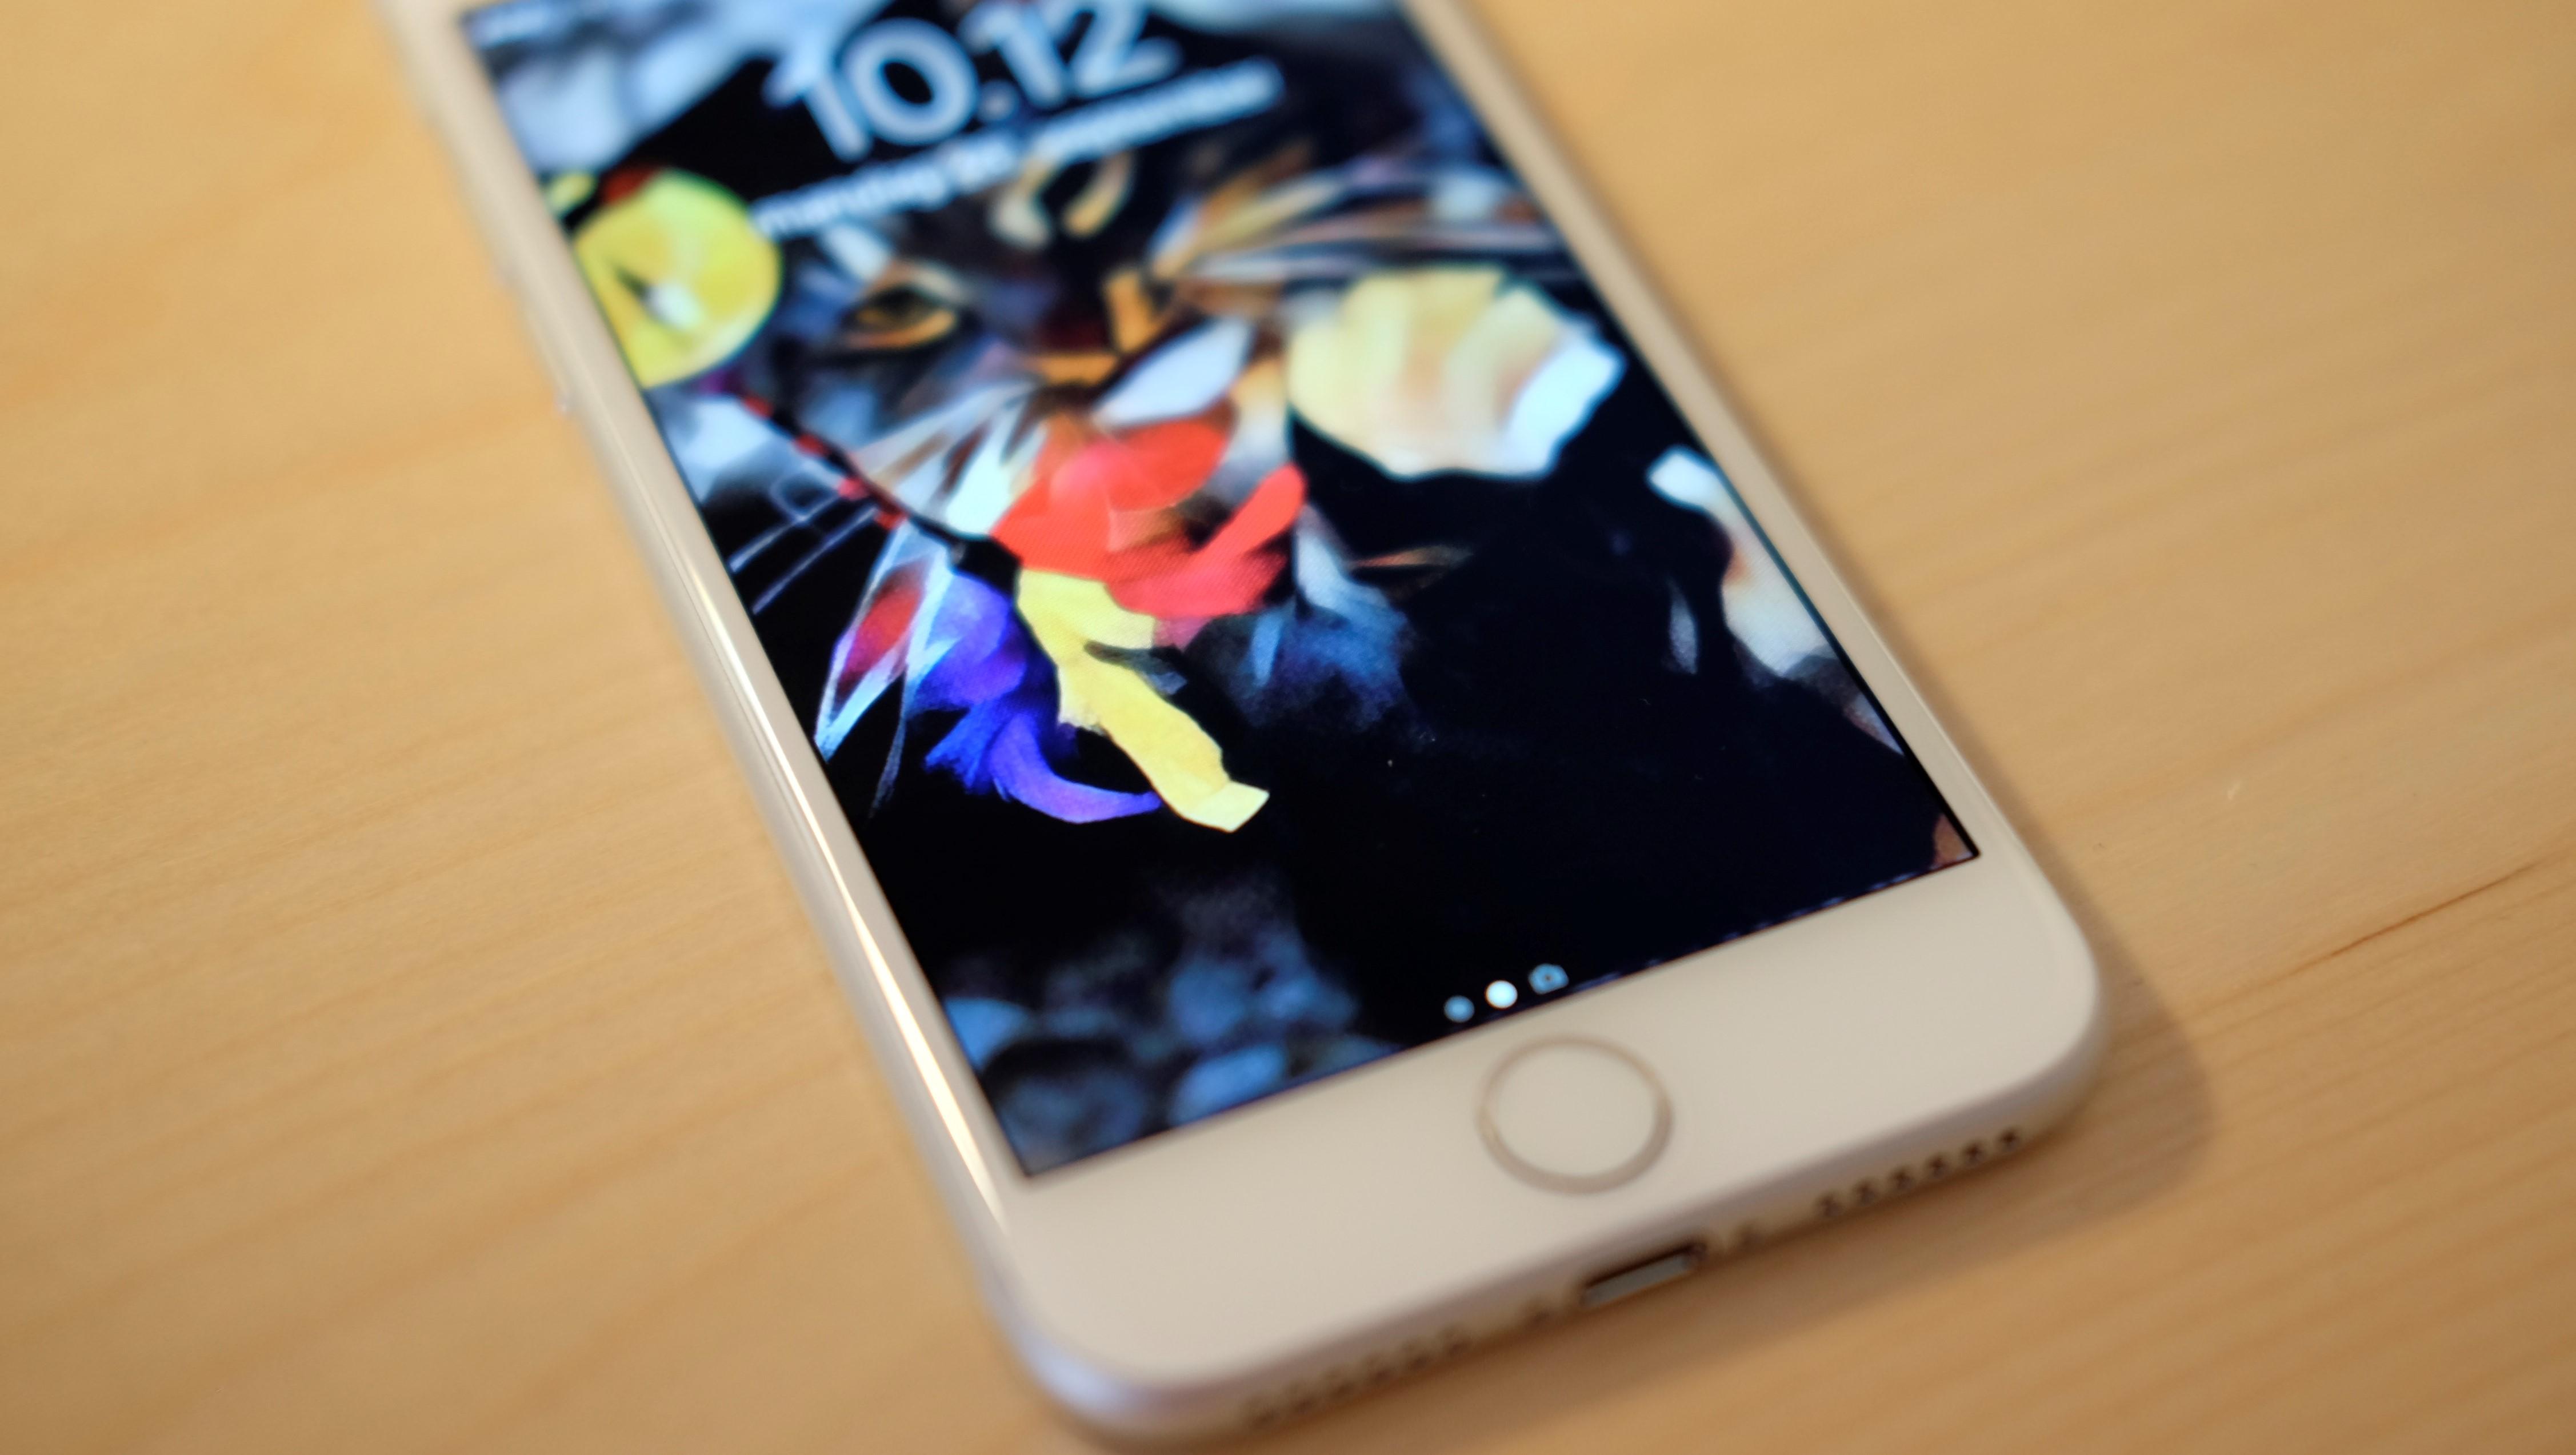 iPhone 7 gjør det dårligere enn 6s, ifølge analytiker.